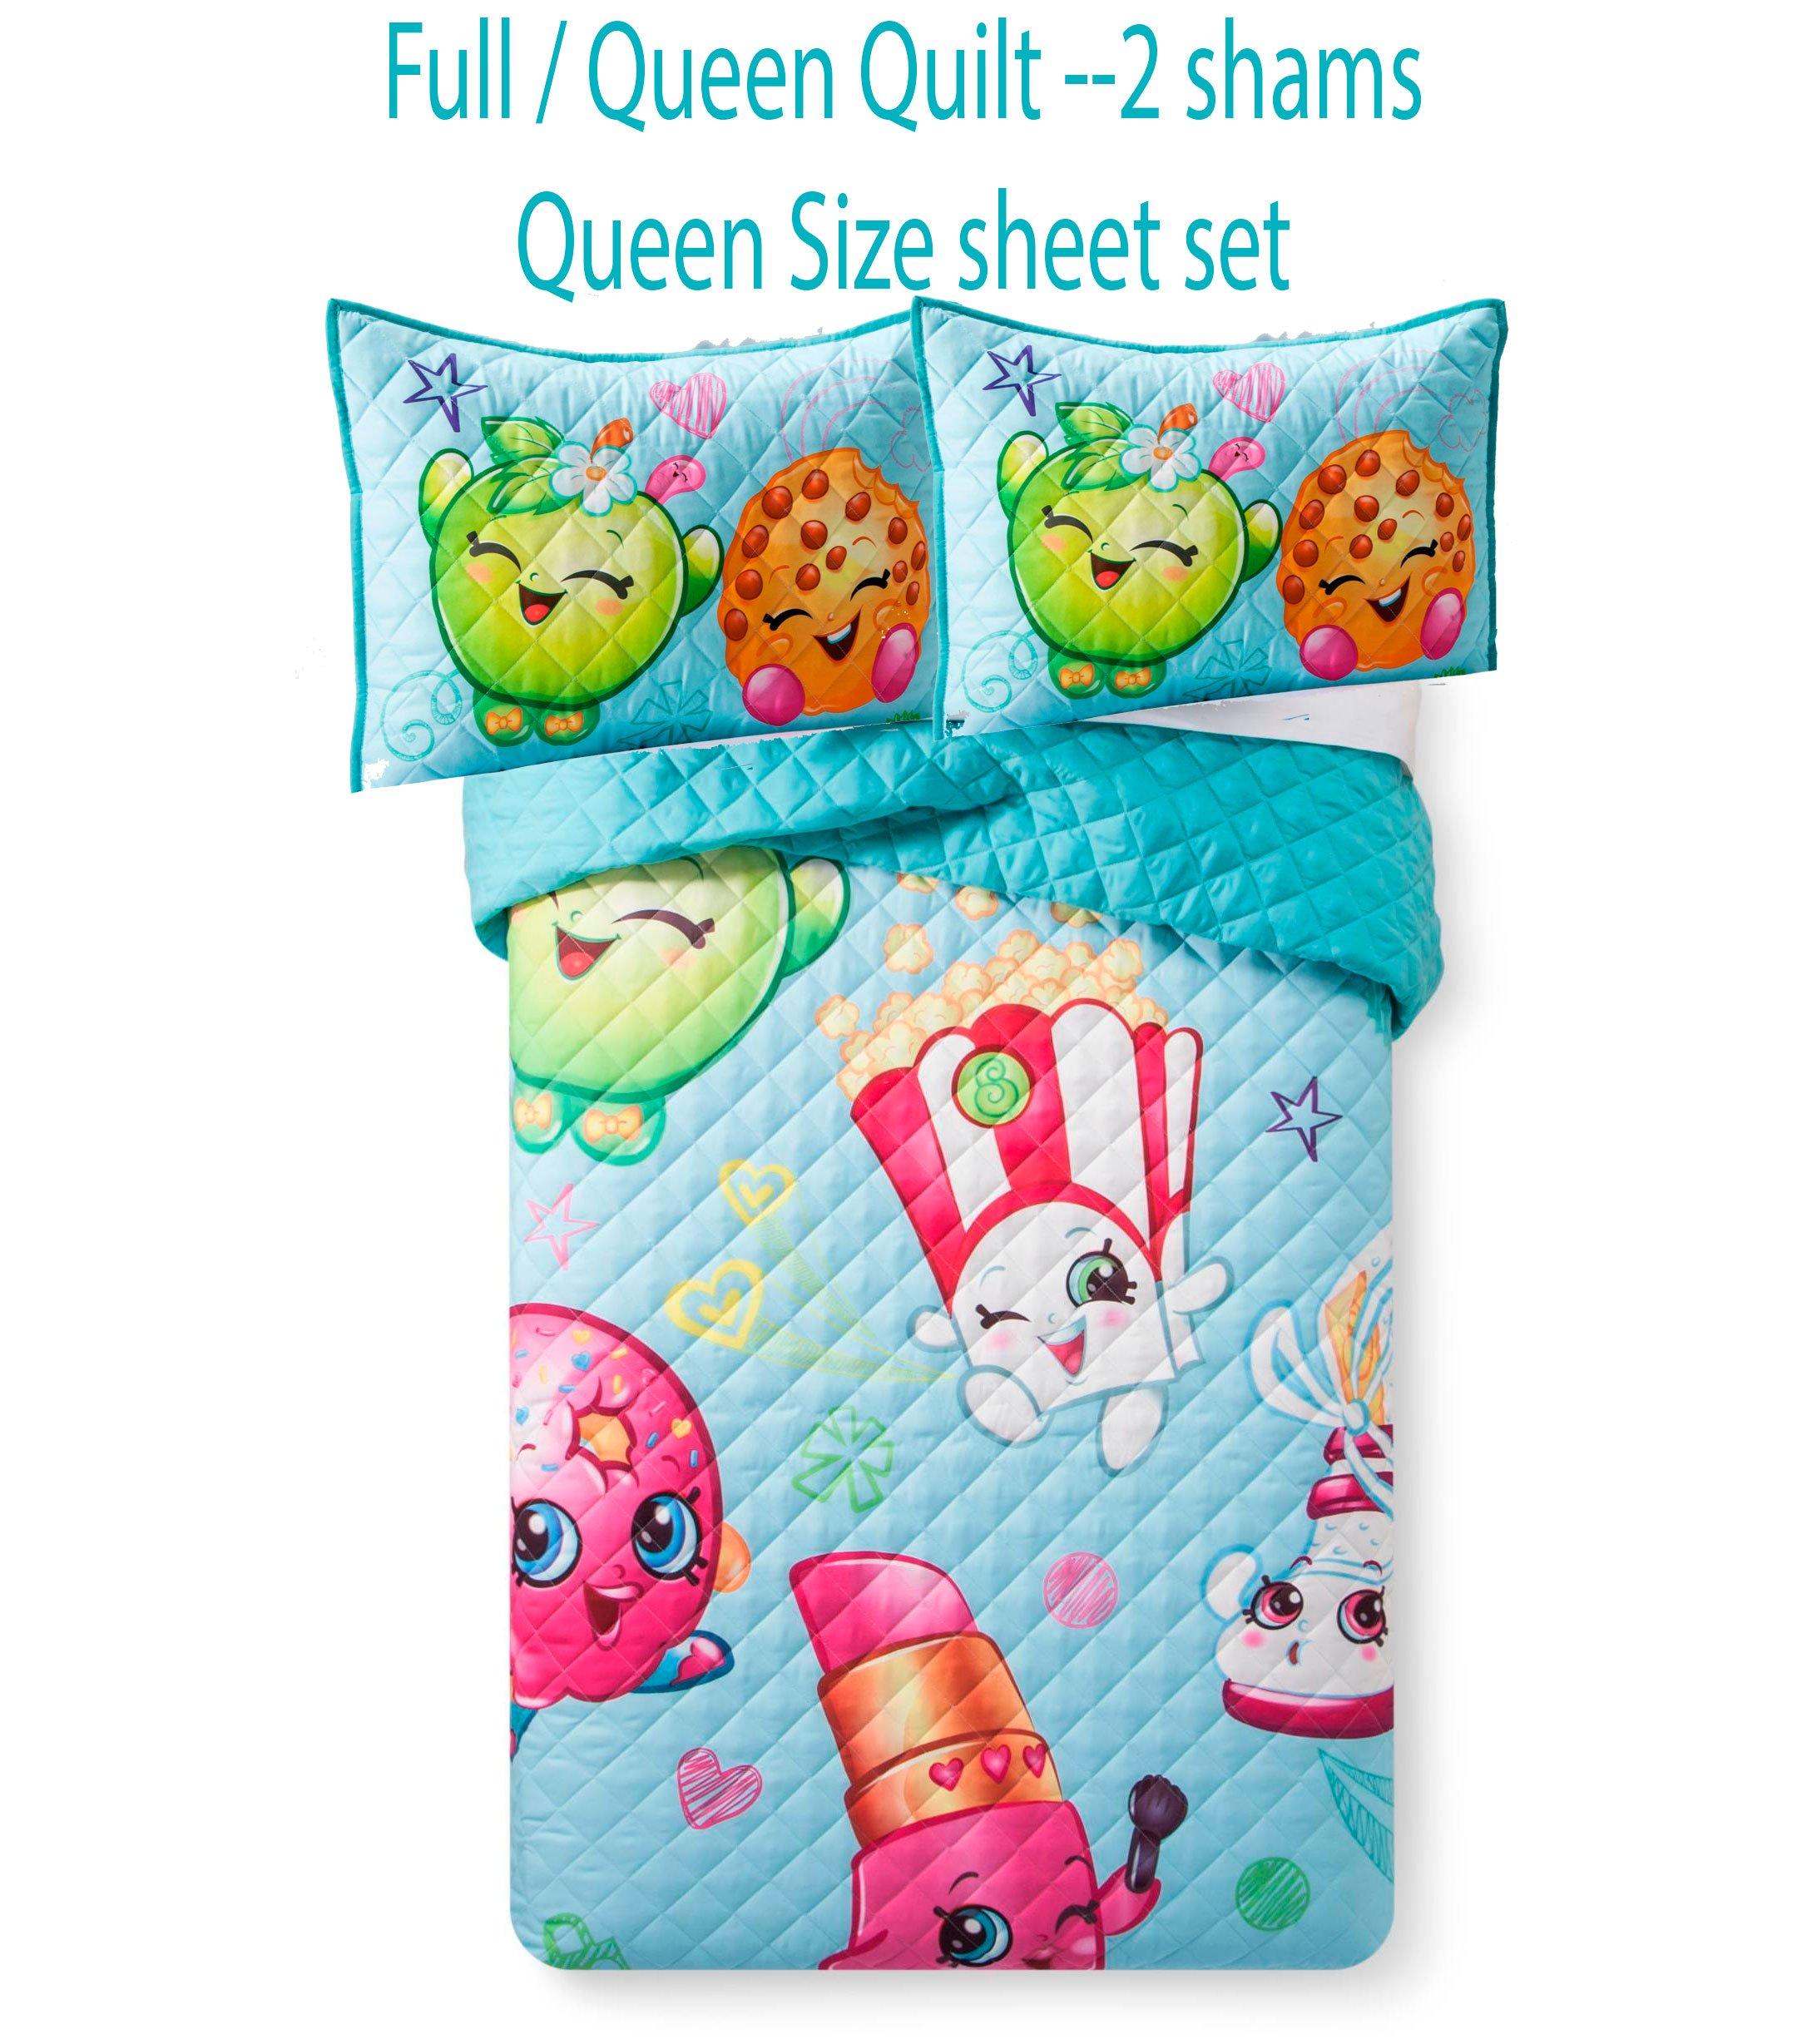 7 Piece Quilt Set Queen Size Quilt, 2 shams & 4 Piece Queen Sheet Set Shopkins